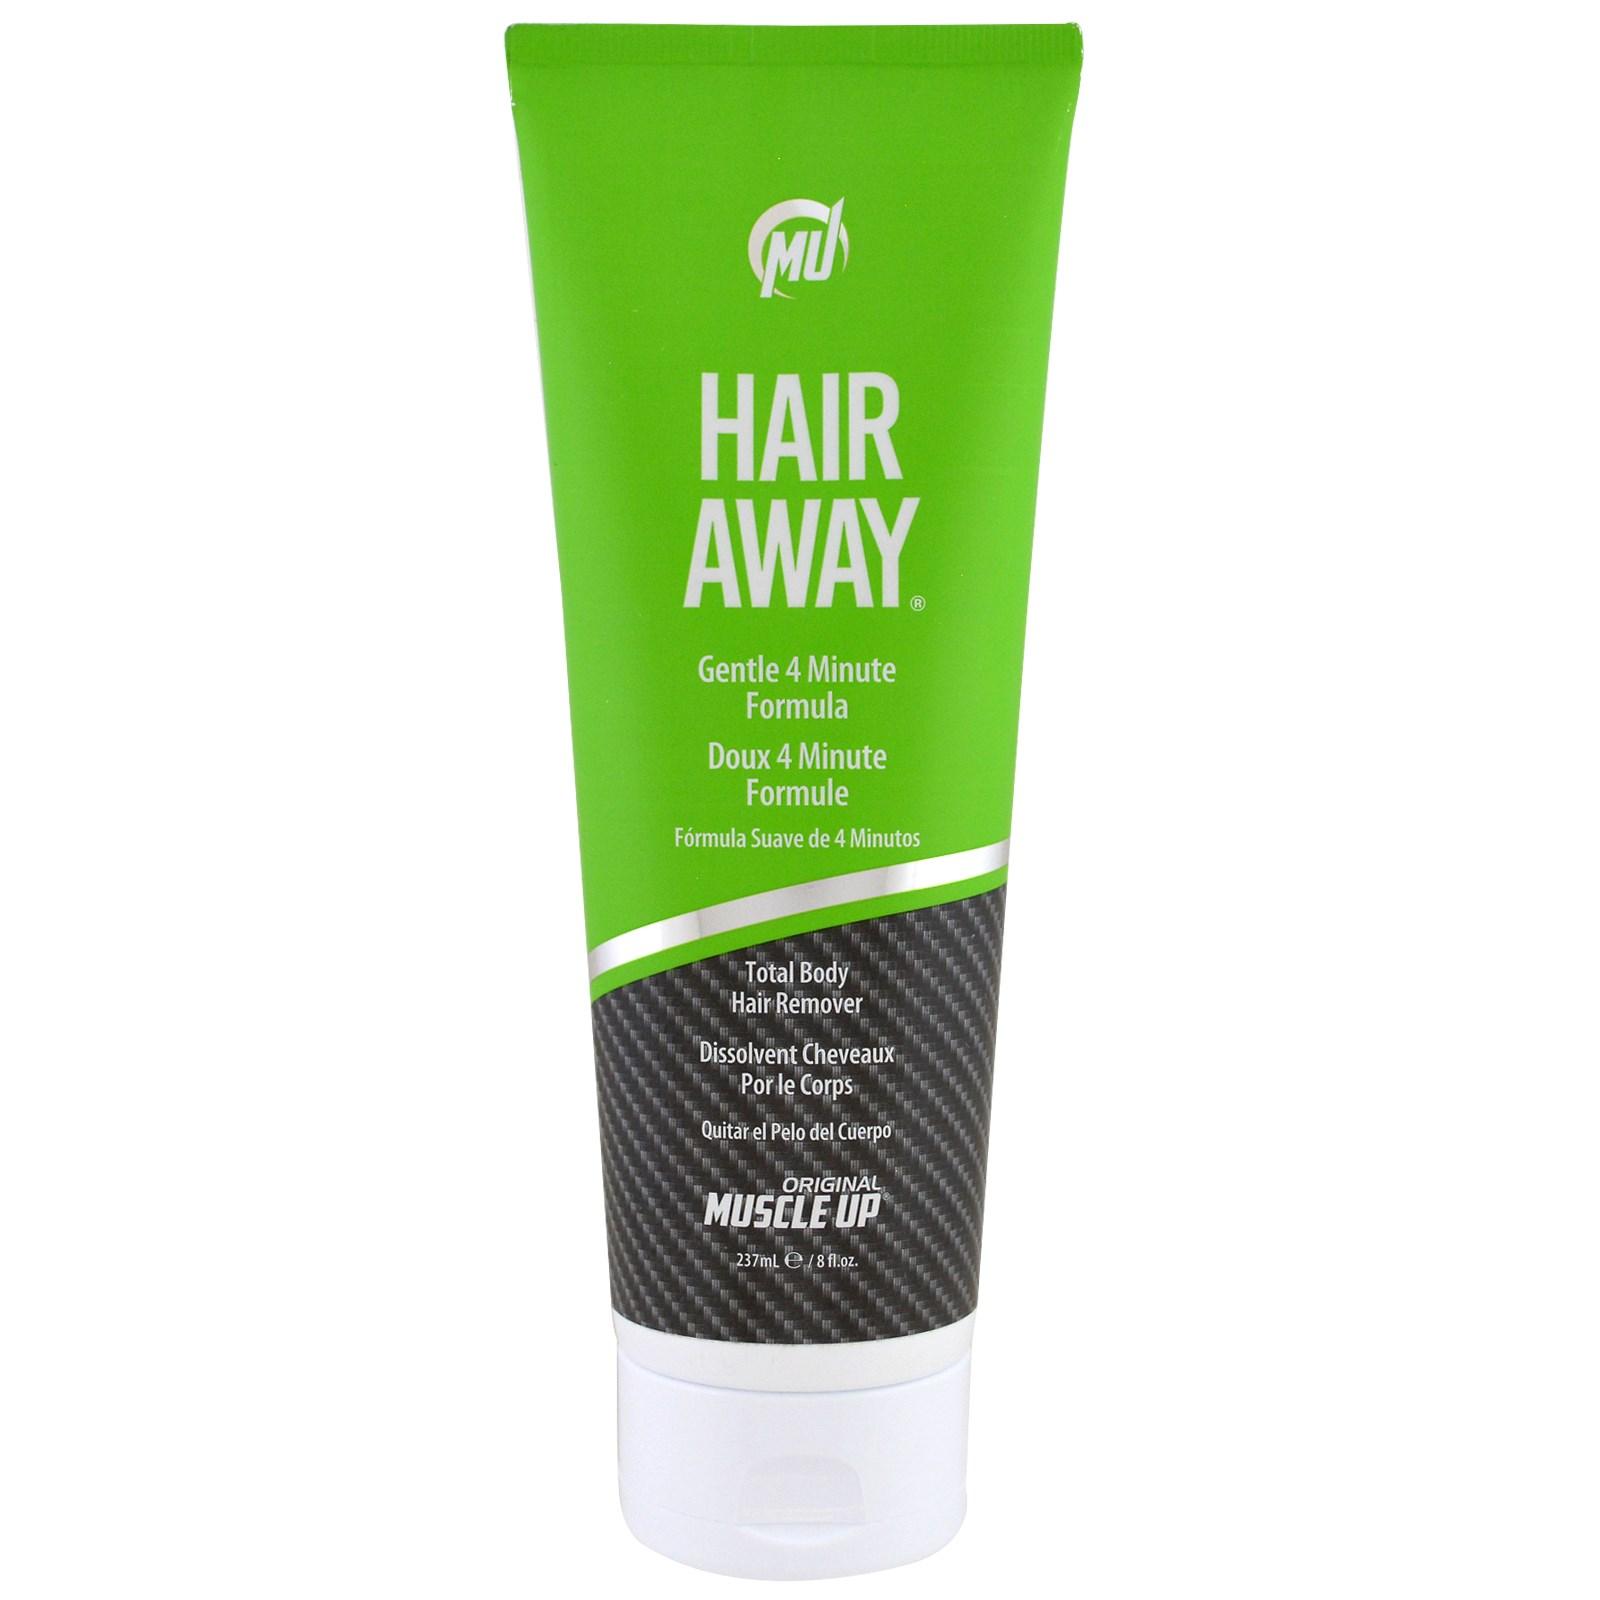 Pro Tan USA, Удаление волос, средство для удаления волос со всего тела, шаг1, 8 унций (237 мл)